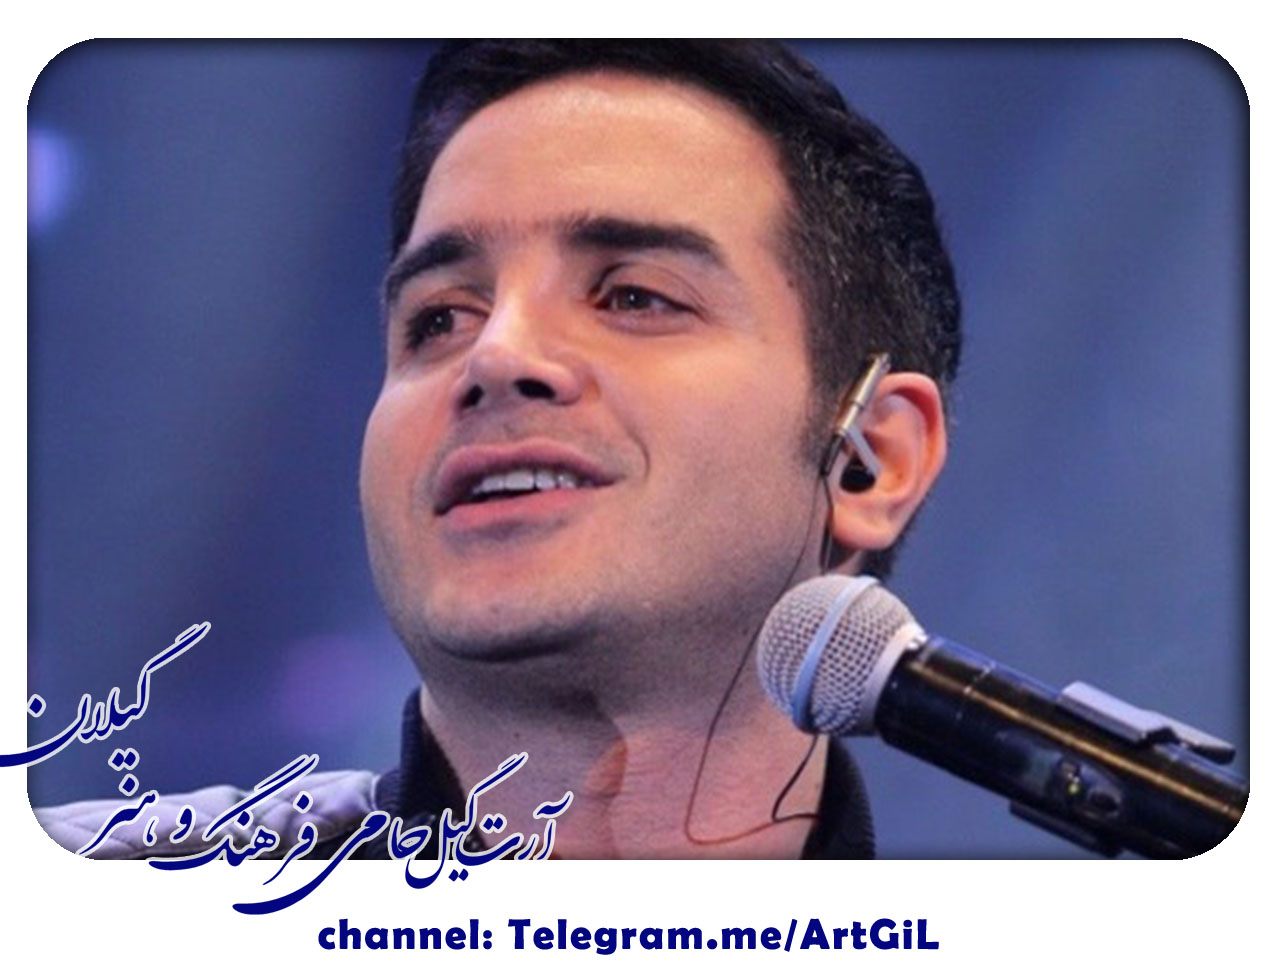 آهنگ «بهت قول میدم» از محسن یگانه در یوتیوب با ۱۷ هزار کامنت و ۴۴ میلیون بازدید غوغا به پا کرد.